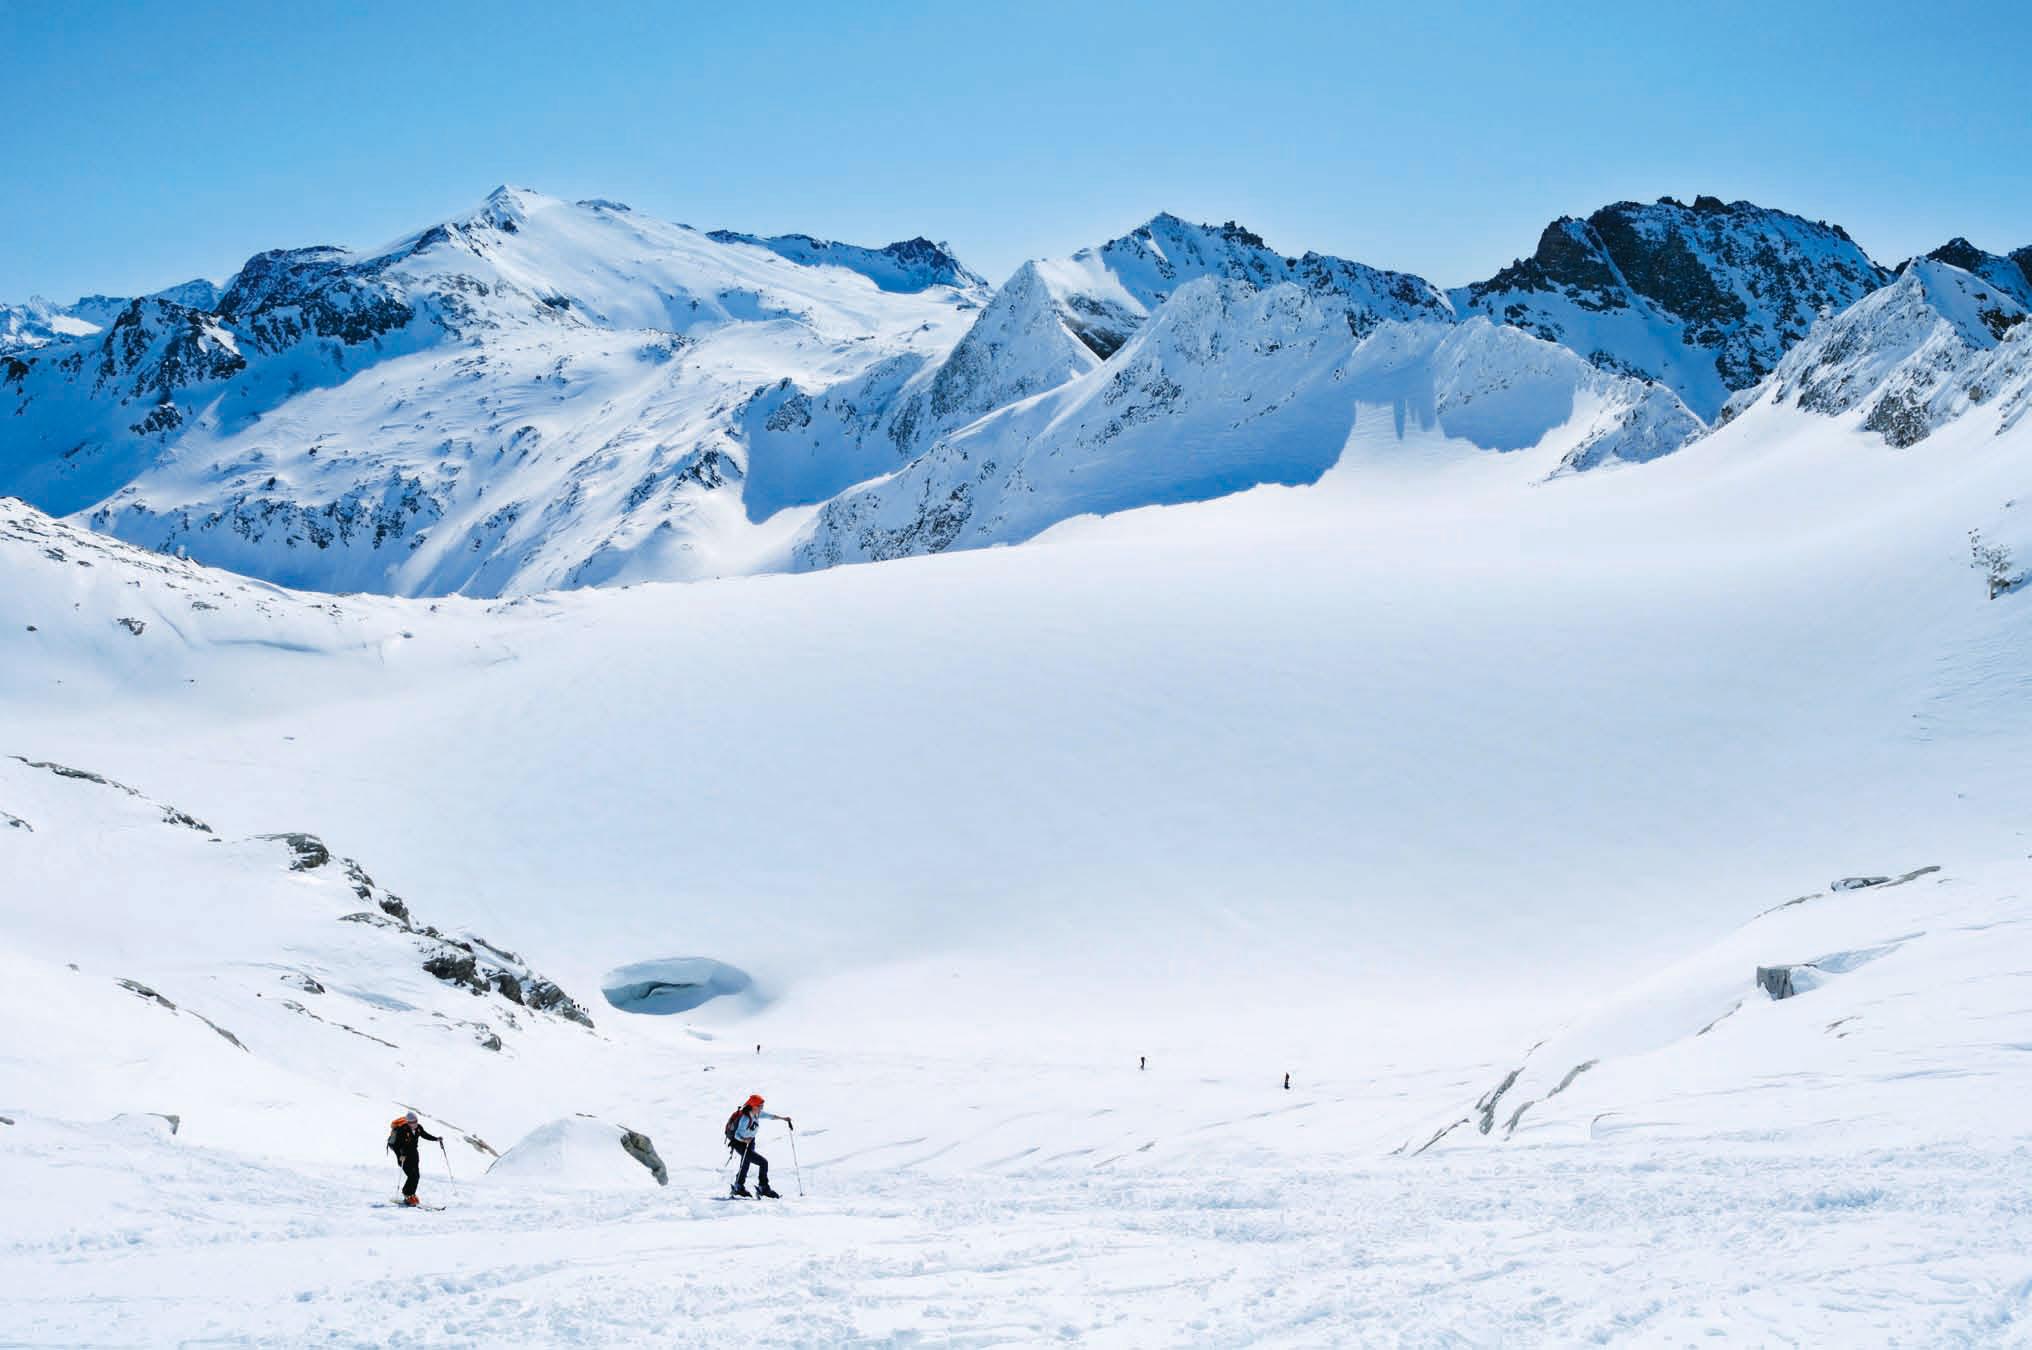 Skitourenklassiker in den Alpen